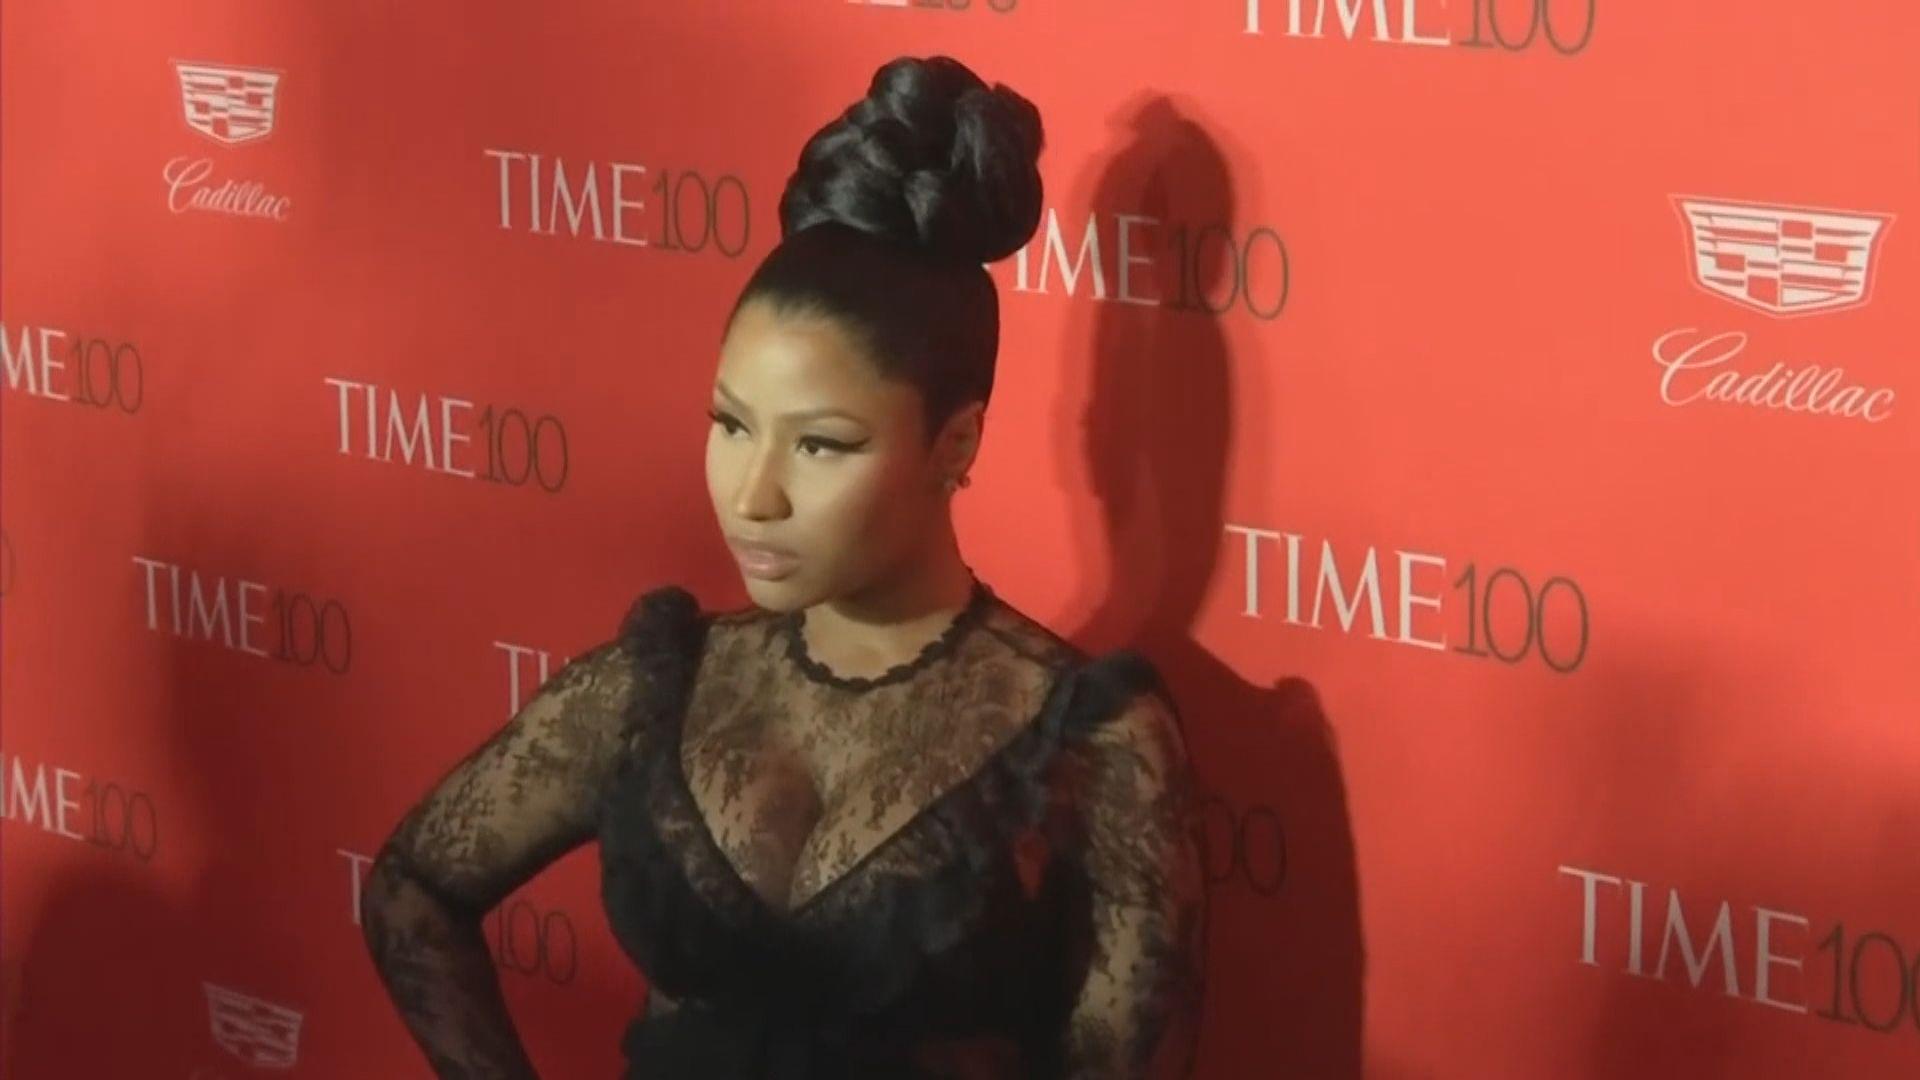 【環球薈報】Nicki Minaj指疫苗導致性無能 白宮派專家解釋事件